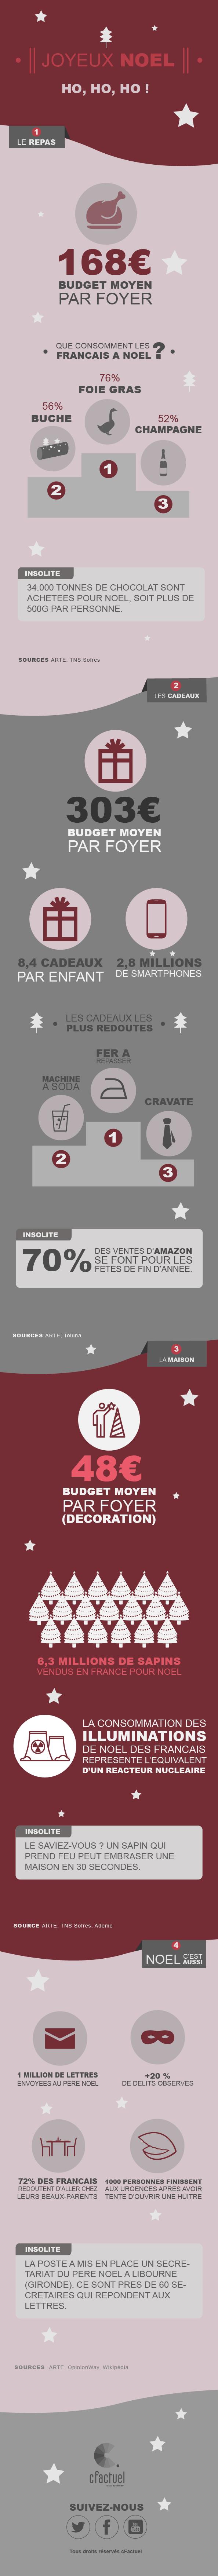 Infographie - Noel : Combien de tonnes de chocolat, de milliers de cadeaux ou d'huîtres victorieuses dans leur combat contre le couteau... Quelques chiffres surprenants ou insolites à placer entre la dinde et la bûche. En savoir plus sur cFactuel : http://www.cfactuel.fr